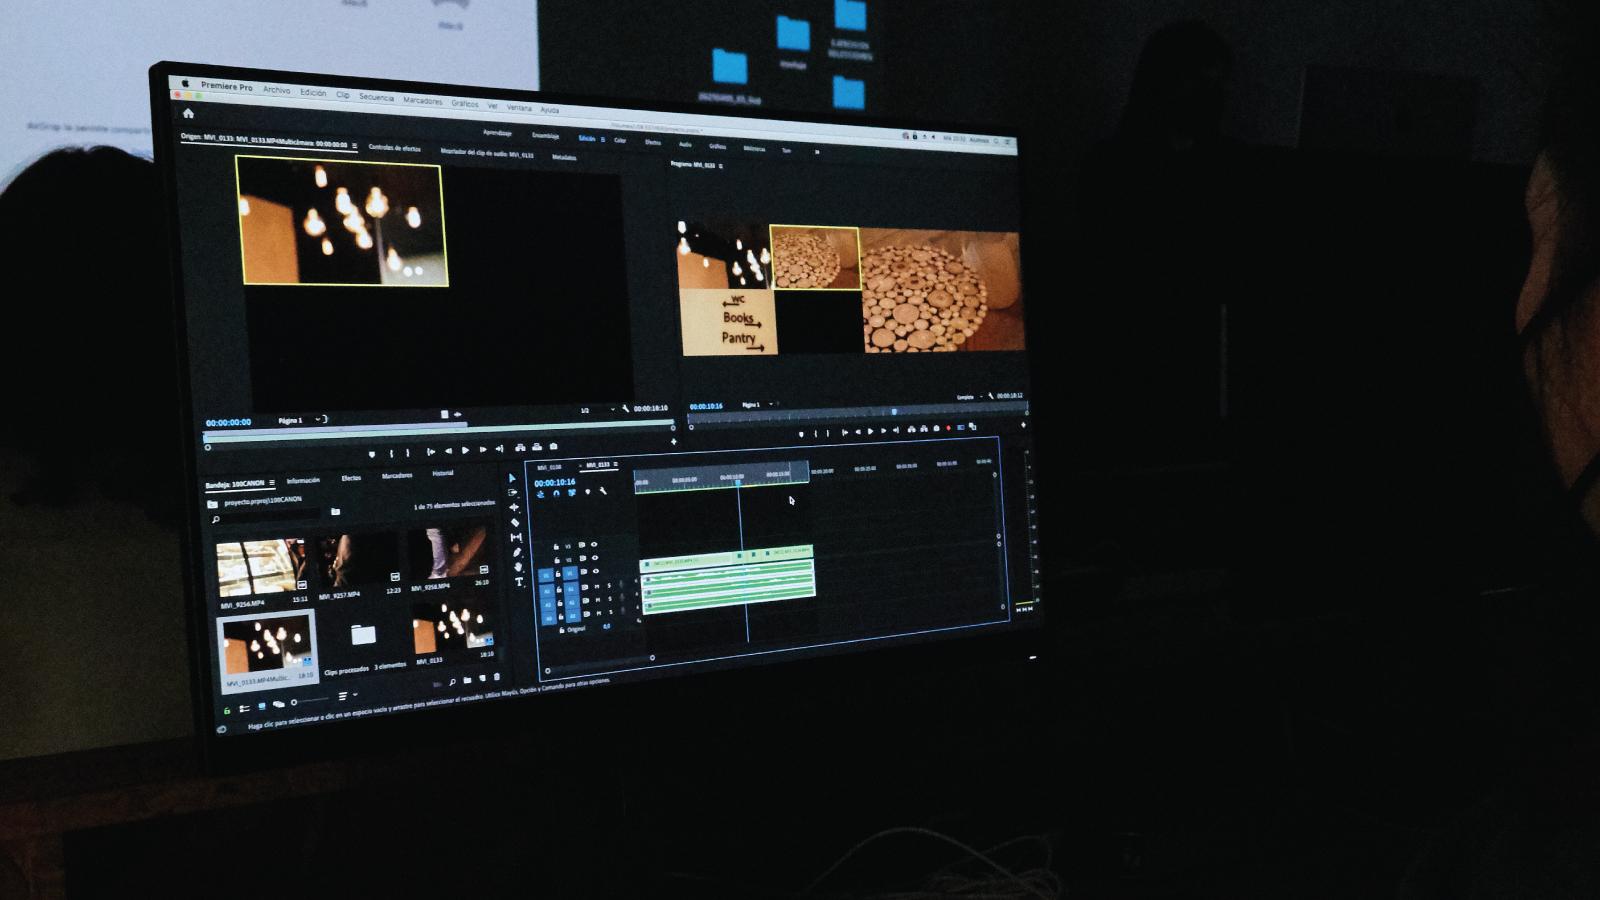 prende a utilizar los programas de Edición y Grabación de Vídeo Profesional